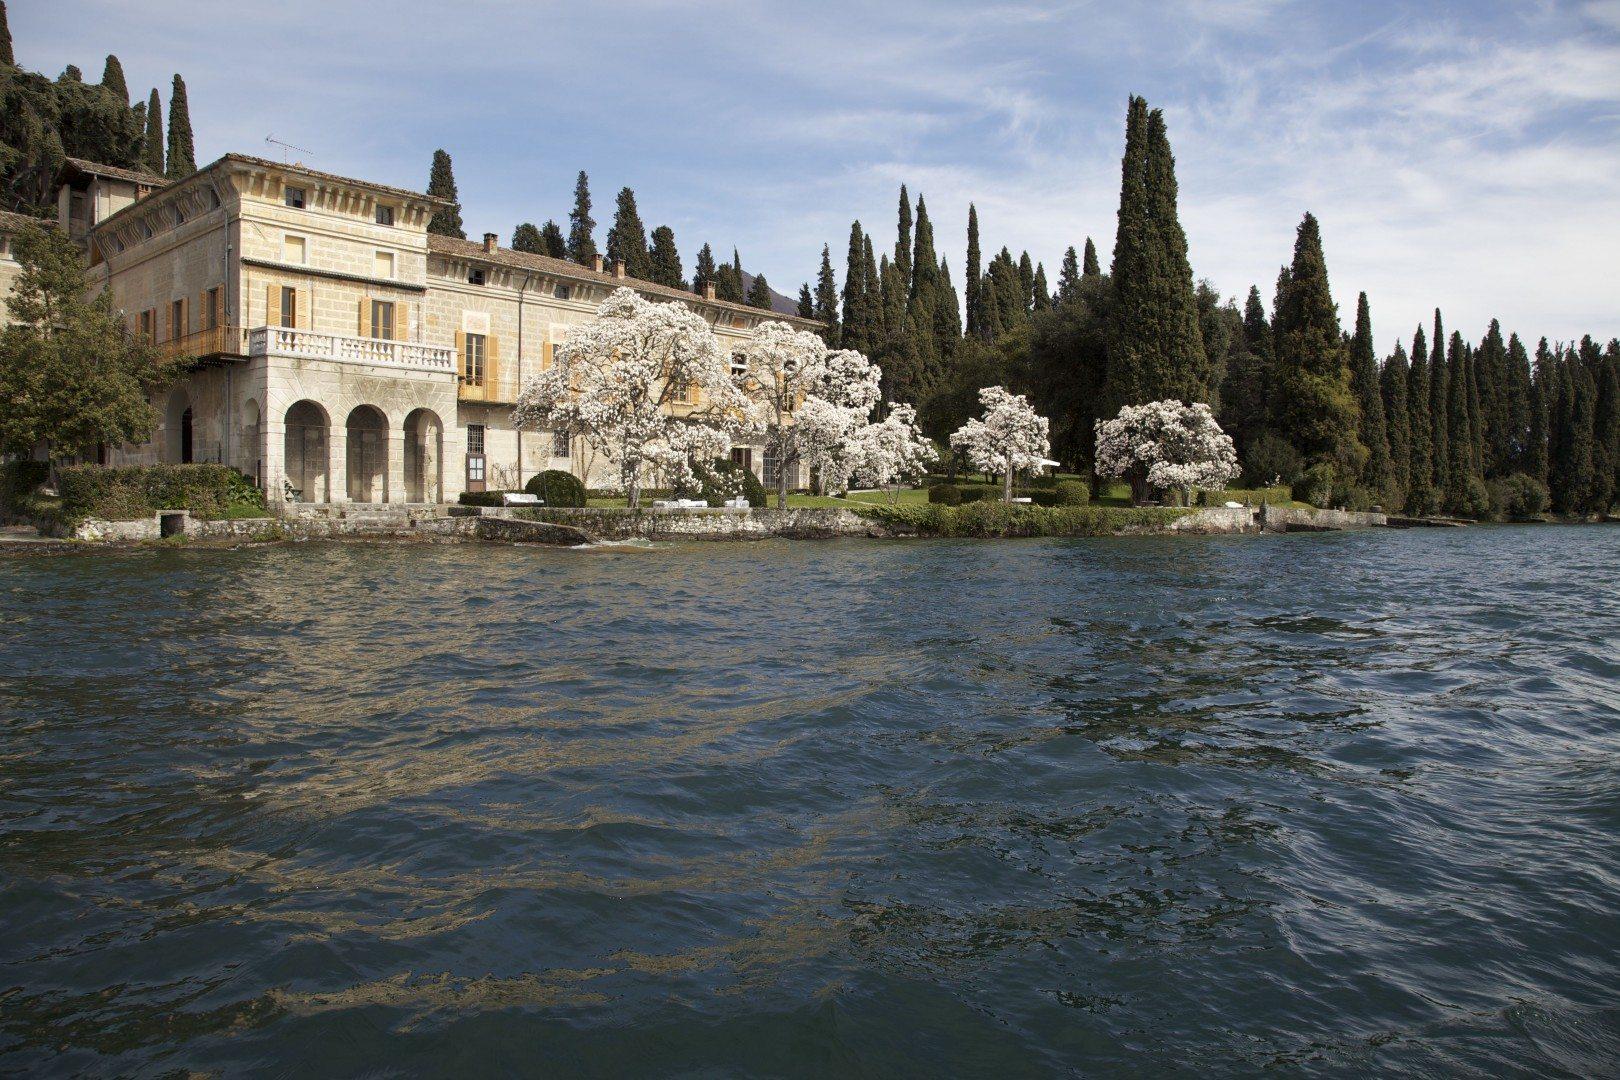 palazzo facade & lake